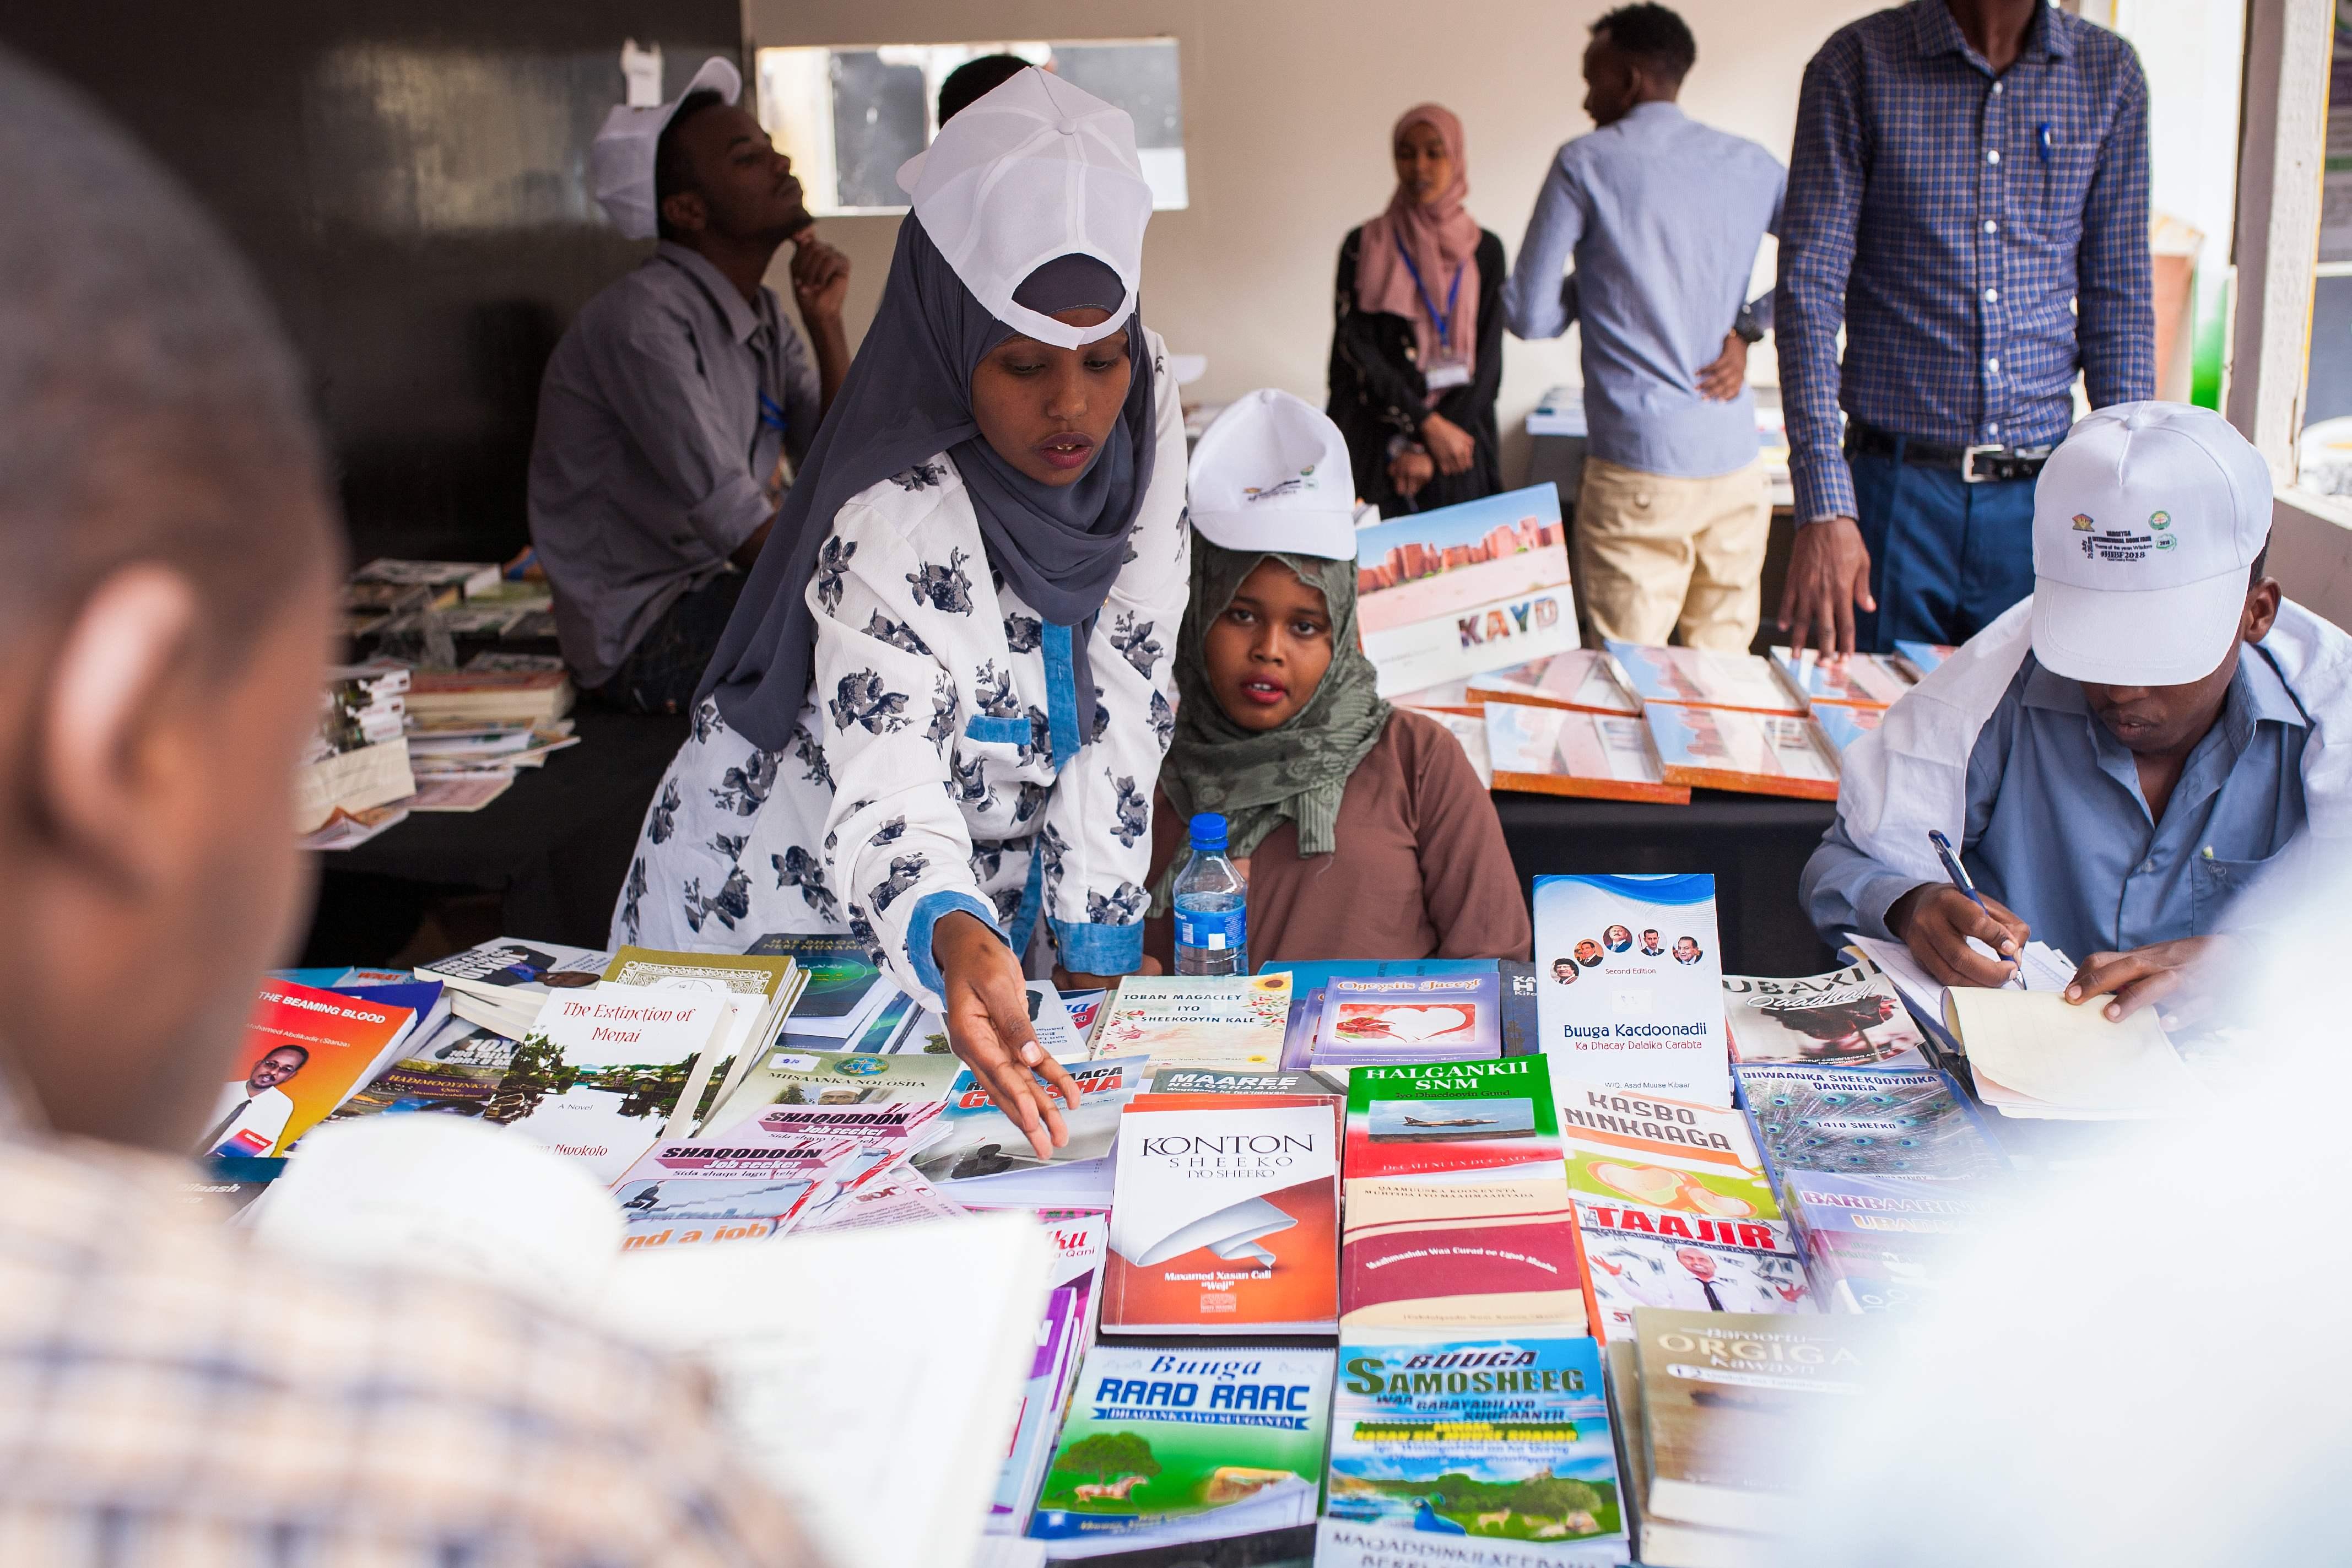 فعاليات معرض الكتاب بالصومال